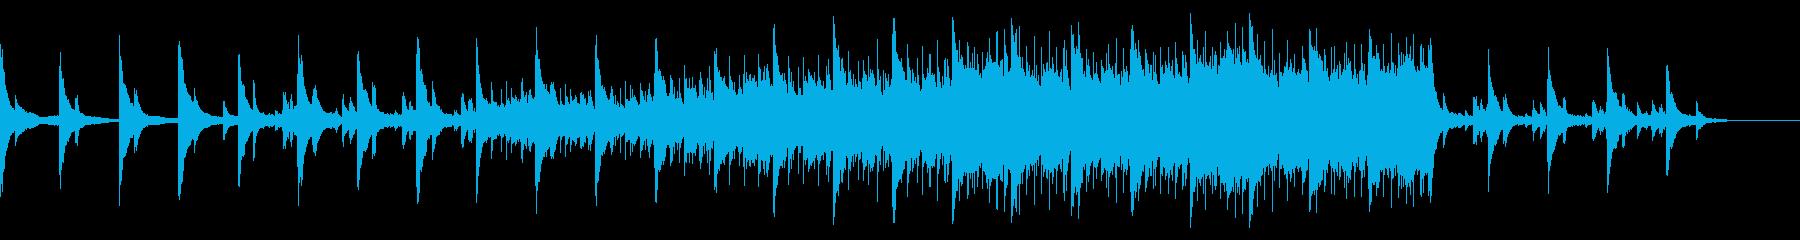 アンビエント ほのぼの 幸せ 弦楽...の再生済みの波形